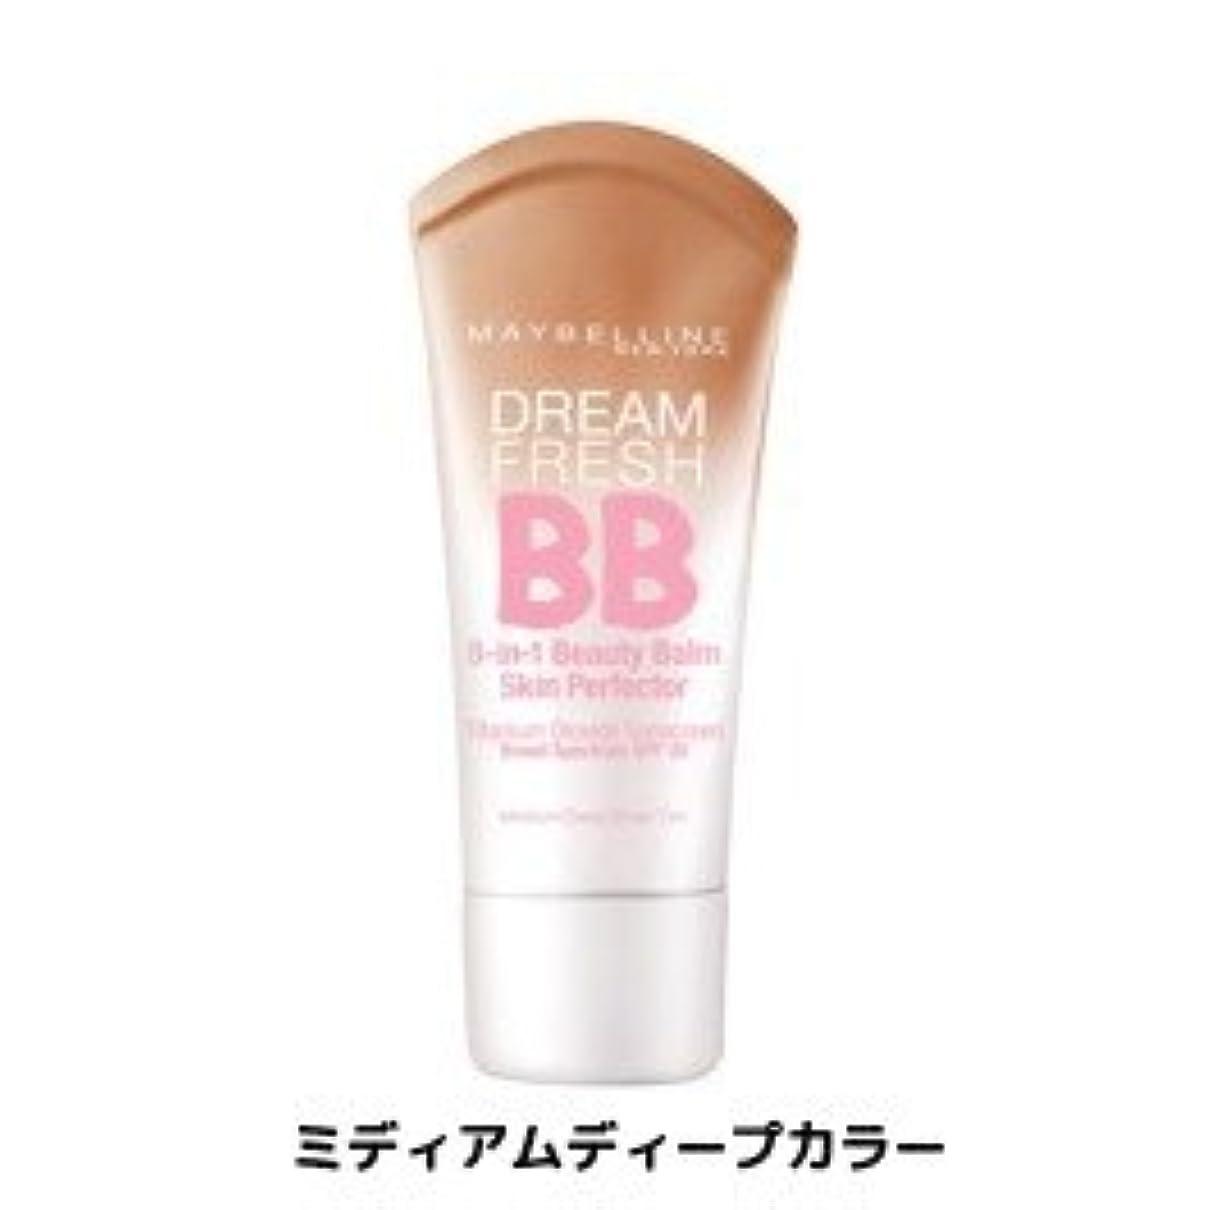 見物人用心する報酬メイベリン BBクリーム  SPF 30*Maybelline Dream Fresh BB Cream 30ml【平行輸入品】 (ミディアムディープカラー)